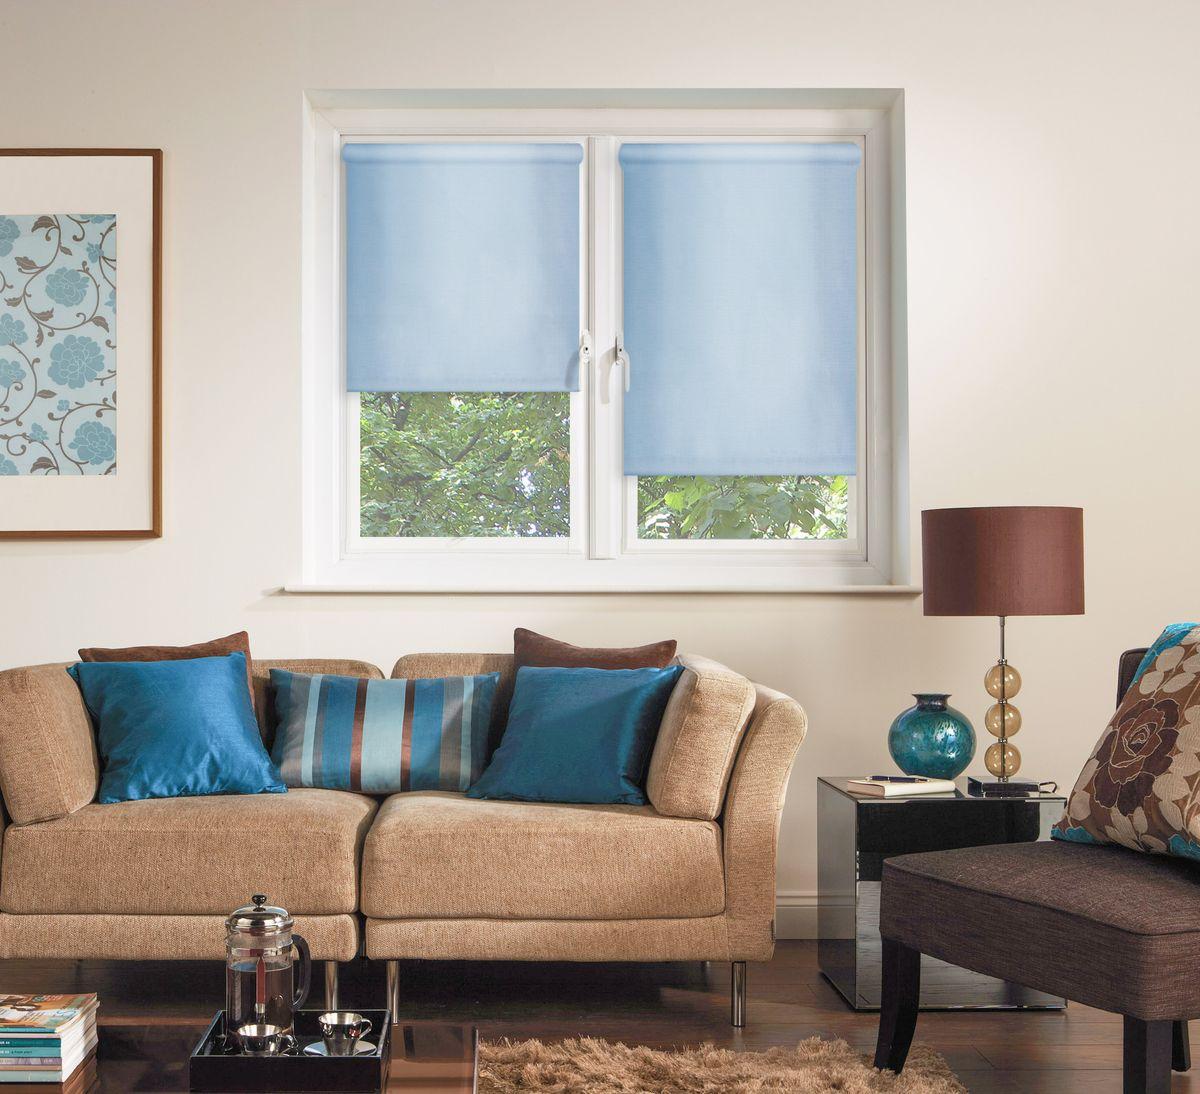 Штора рулонная Эскар Миниролло, цвет: голубой, ширина 83 см, высота 170 смMW-3101Рулонная штора Эскар Миниролло выполнена из высокопрочной ткани, которая сохраняет свой размер даже при намокании. Ткань не выцветает и обладает отличной цветоустойчивостью.Миниролло - это подвид рулонных штор, который закрывает не весь оконный проем, а непосредственно само стекло. Такие шторы крепятся на раму без сверления при помощи зажимов или клейкой двухсторонней ленты (в комплекте). Окно остается на гарантии, благодаря монтажу без сверления. Такая штора станет прекрасным элементом декора окна и гармонично впишется в интерьер любого помещения.